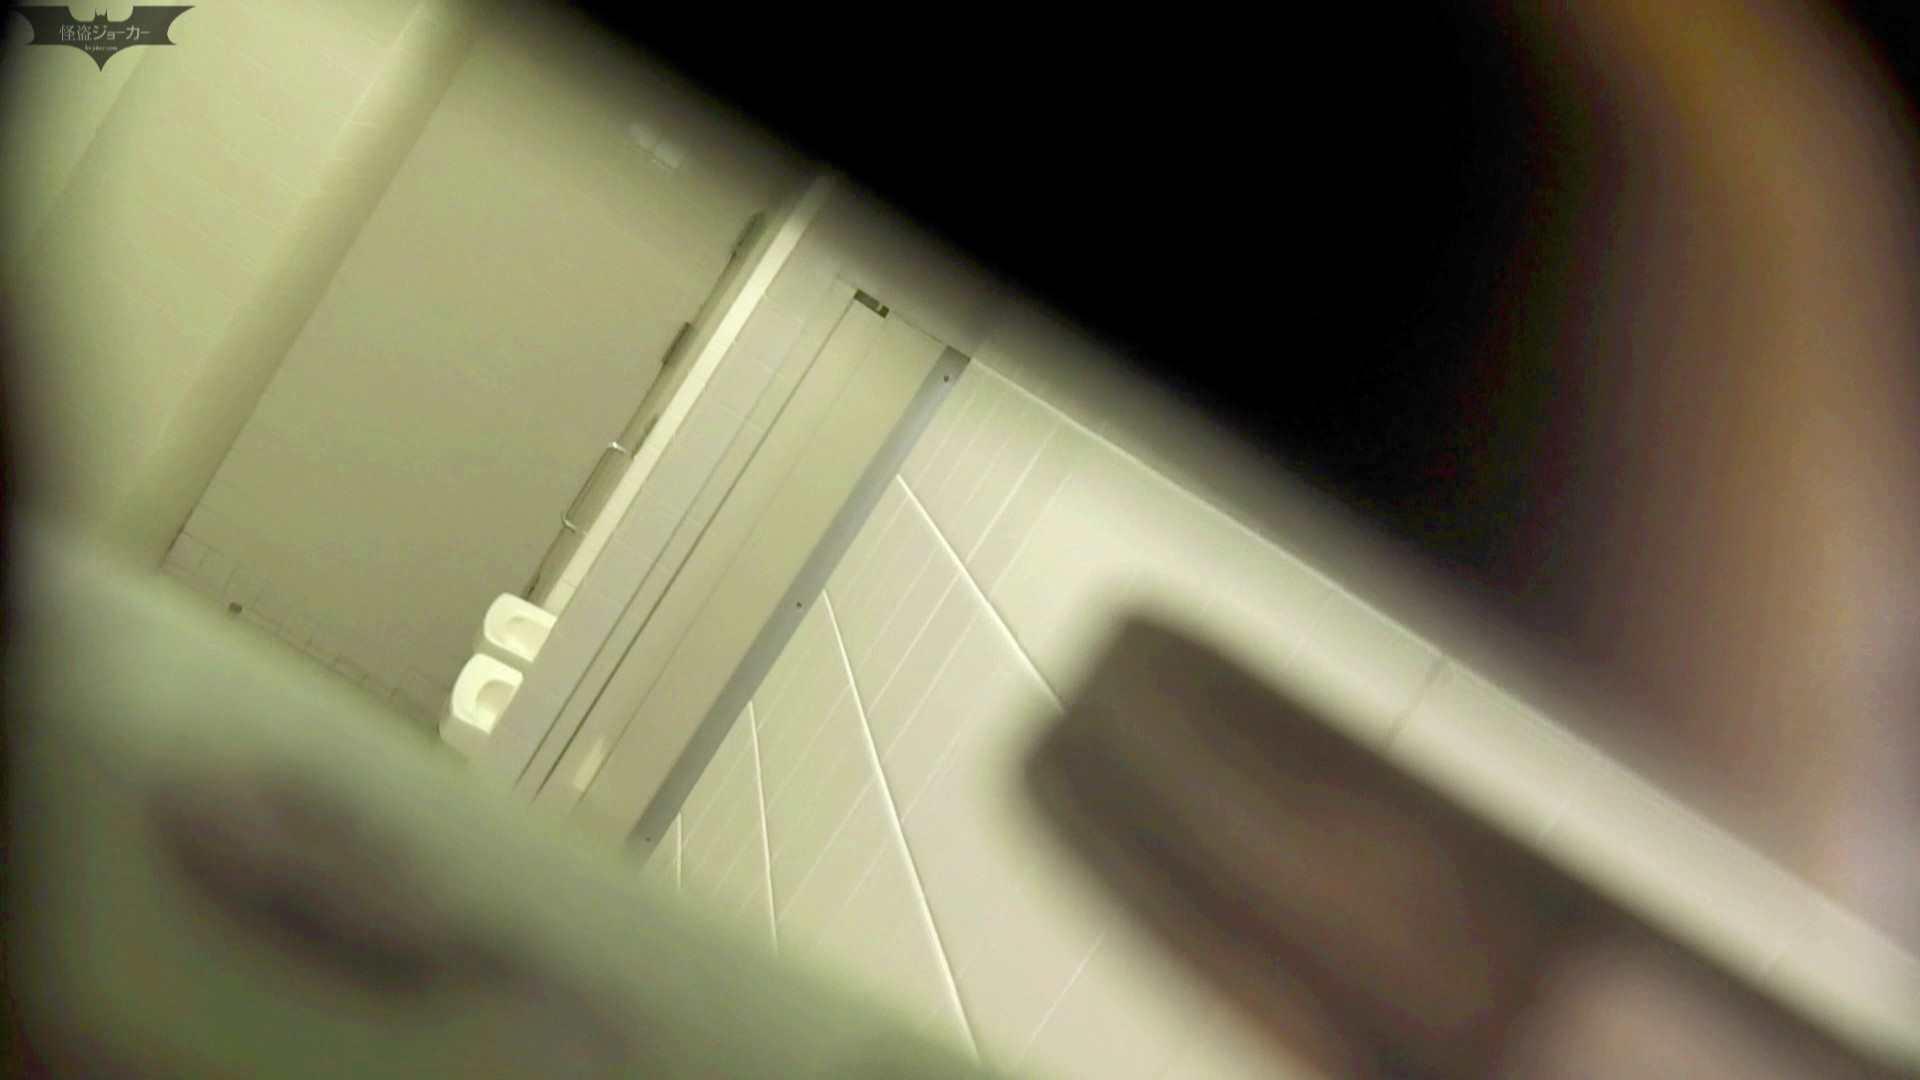 お銀 vol.68 無謀に通路に飛び出て一番明るいフロント撮り実現、見所満載 OL | 美人コレクション  57連発 41